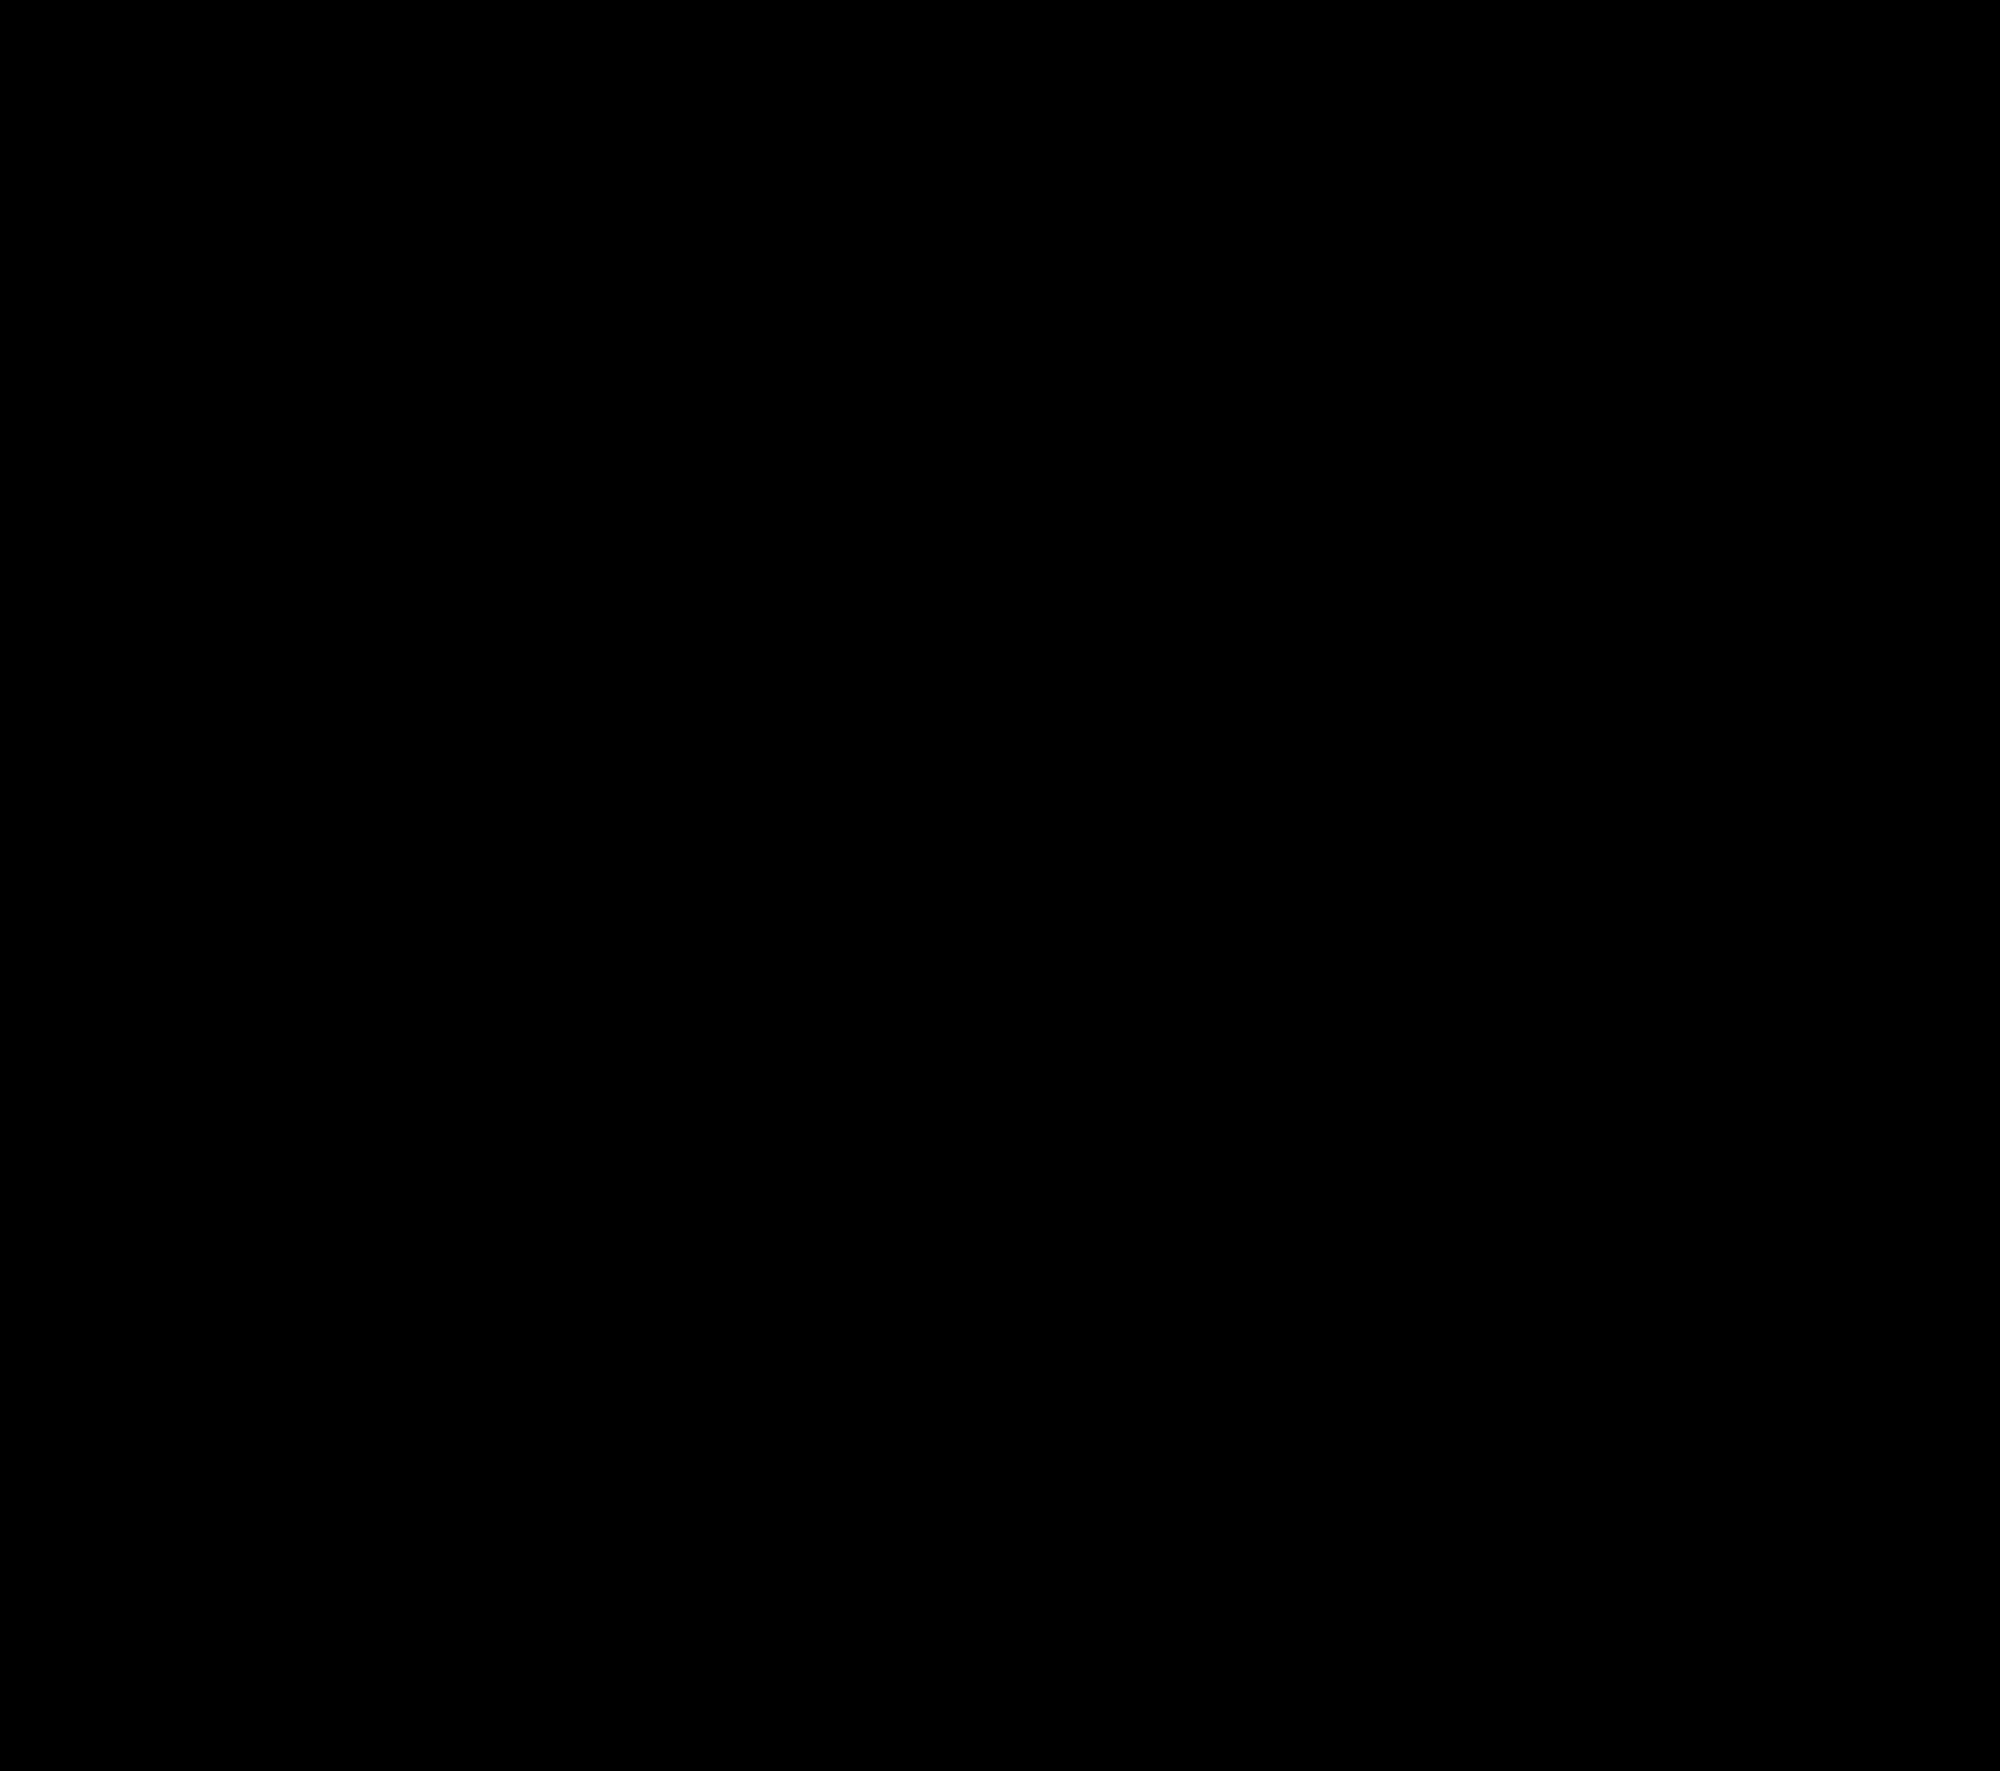 logo (5).png